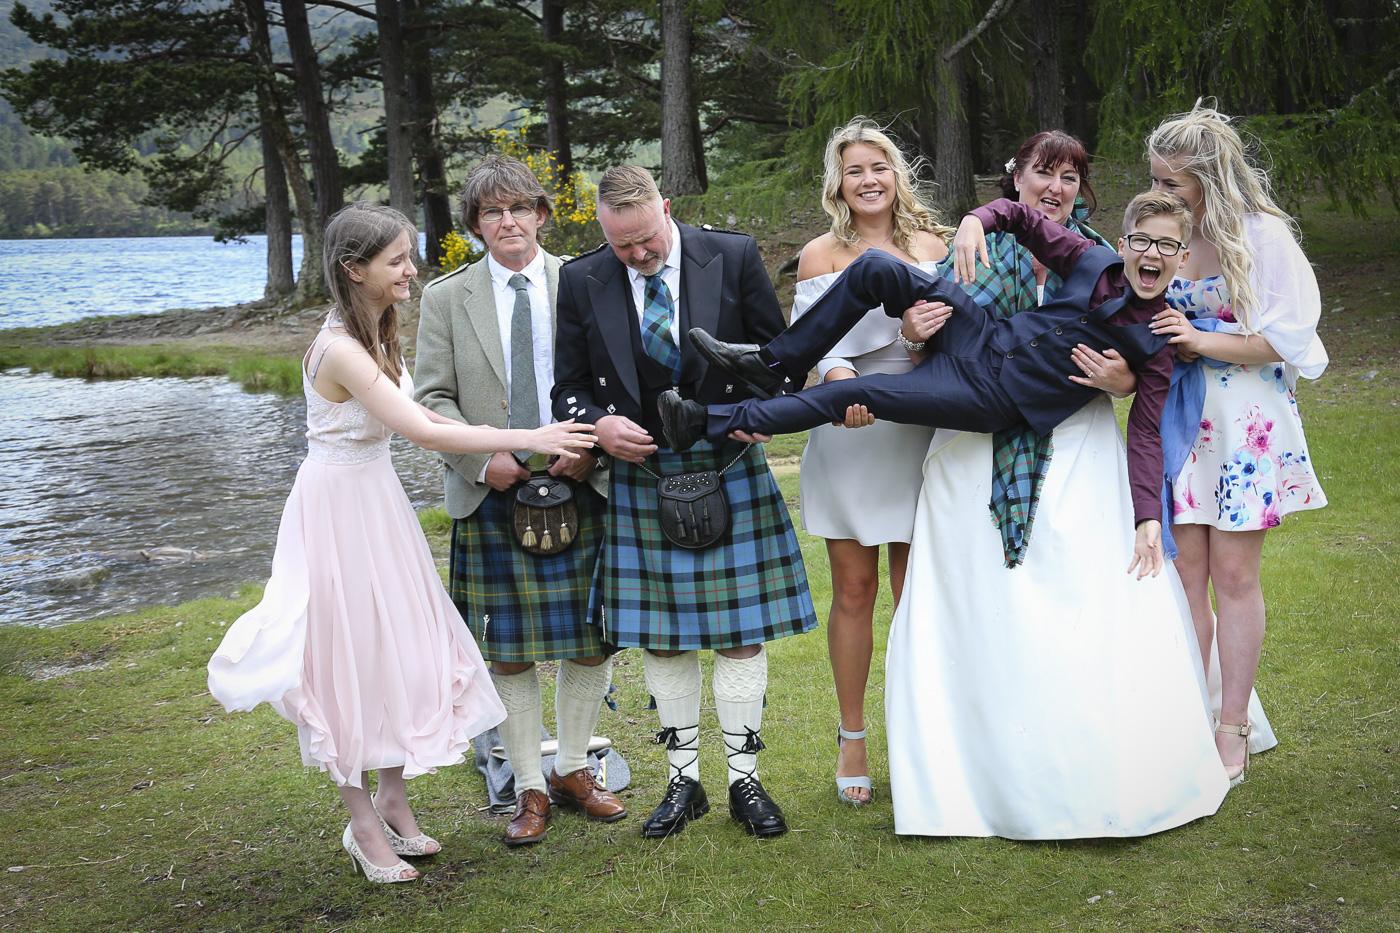 wedding photography at Loch an Eilein, Rothiemurchus-4105